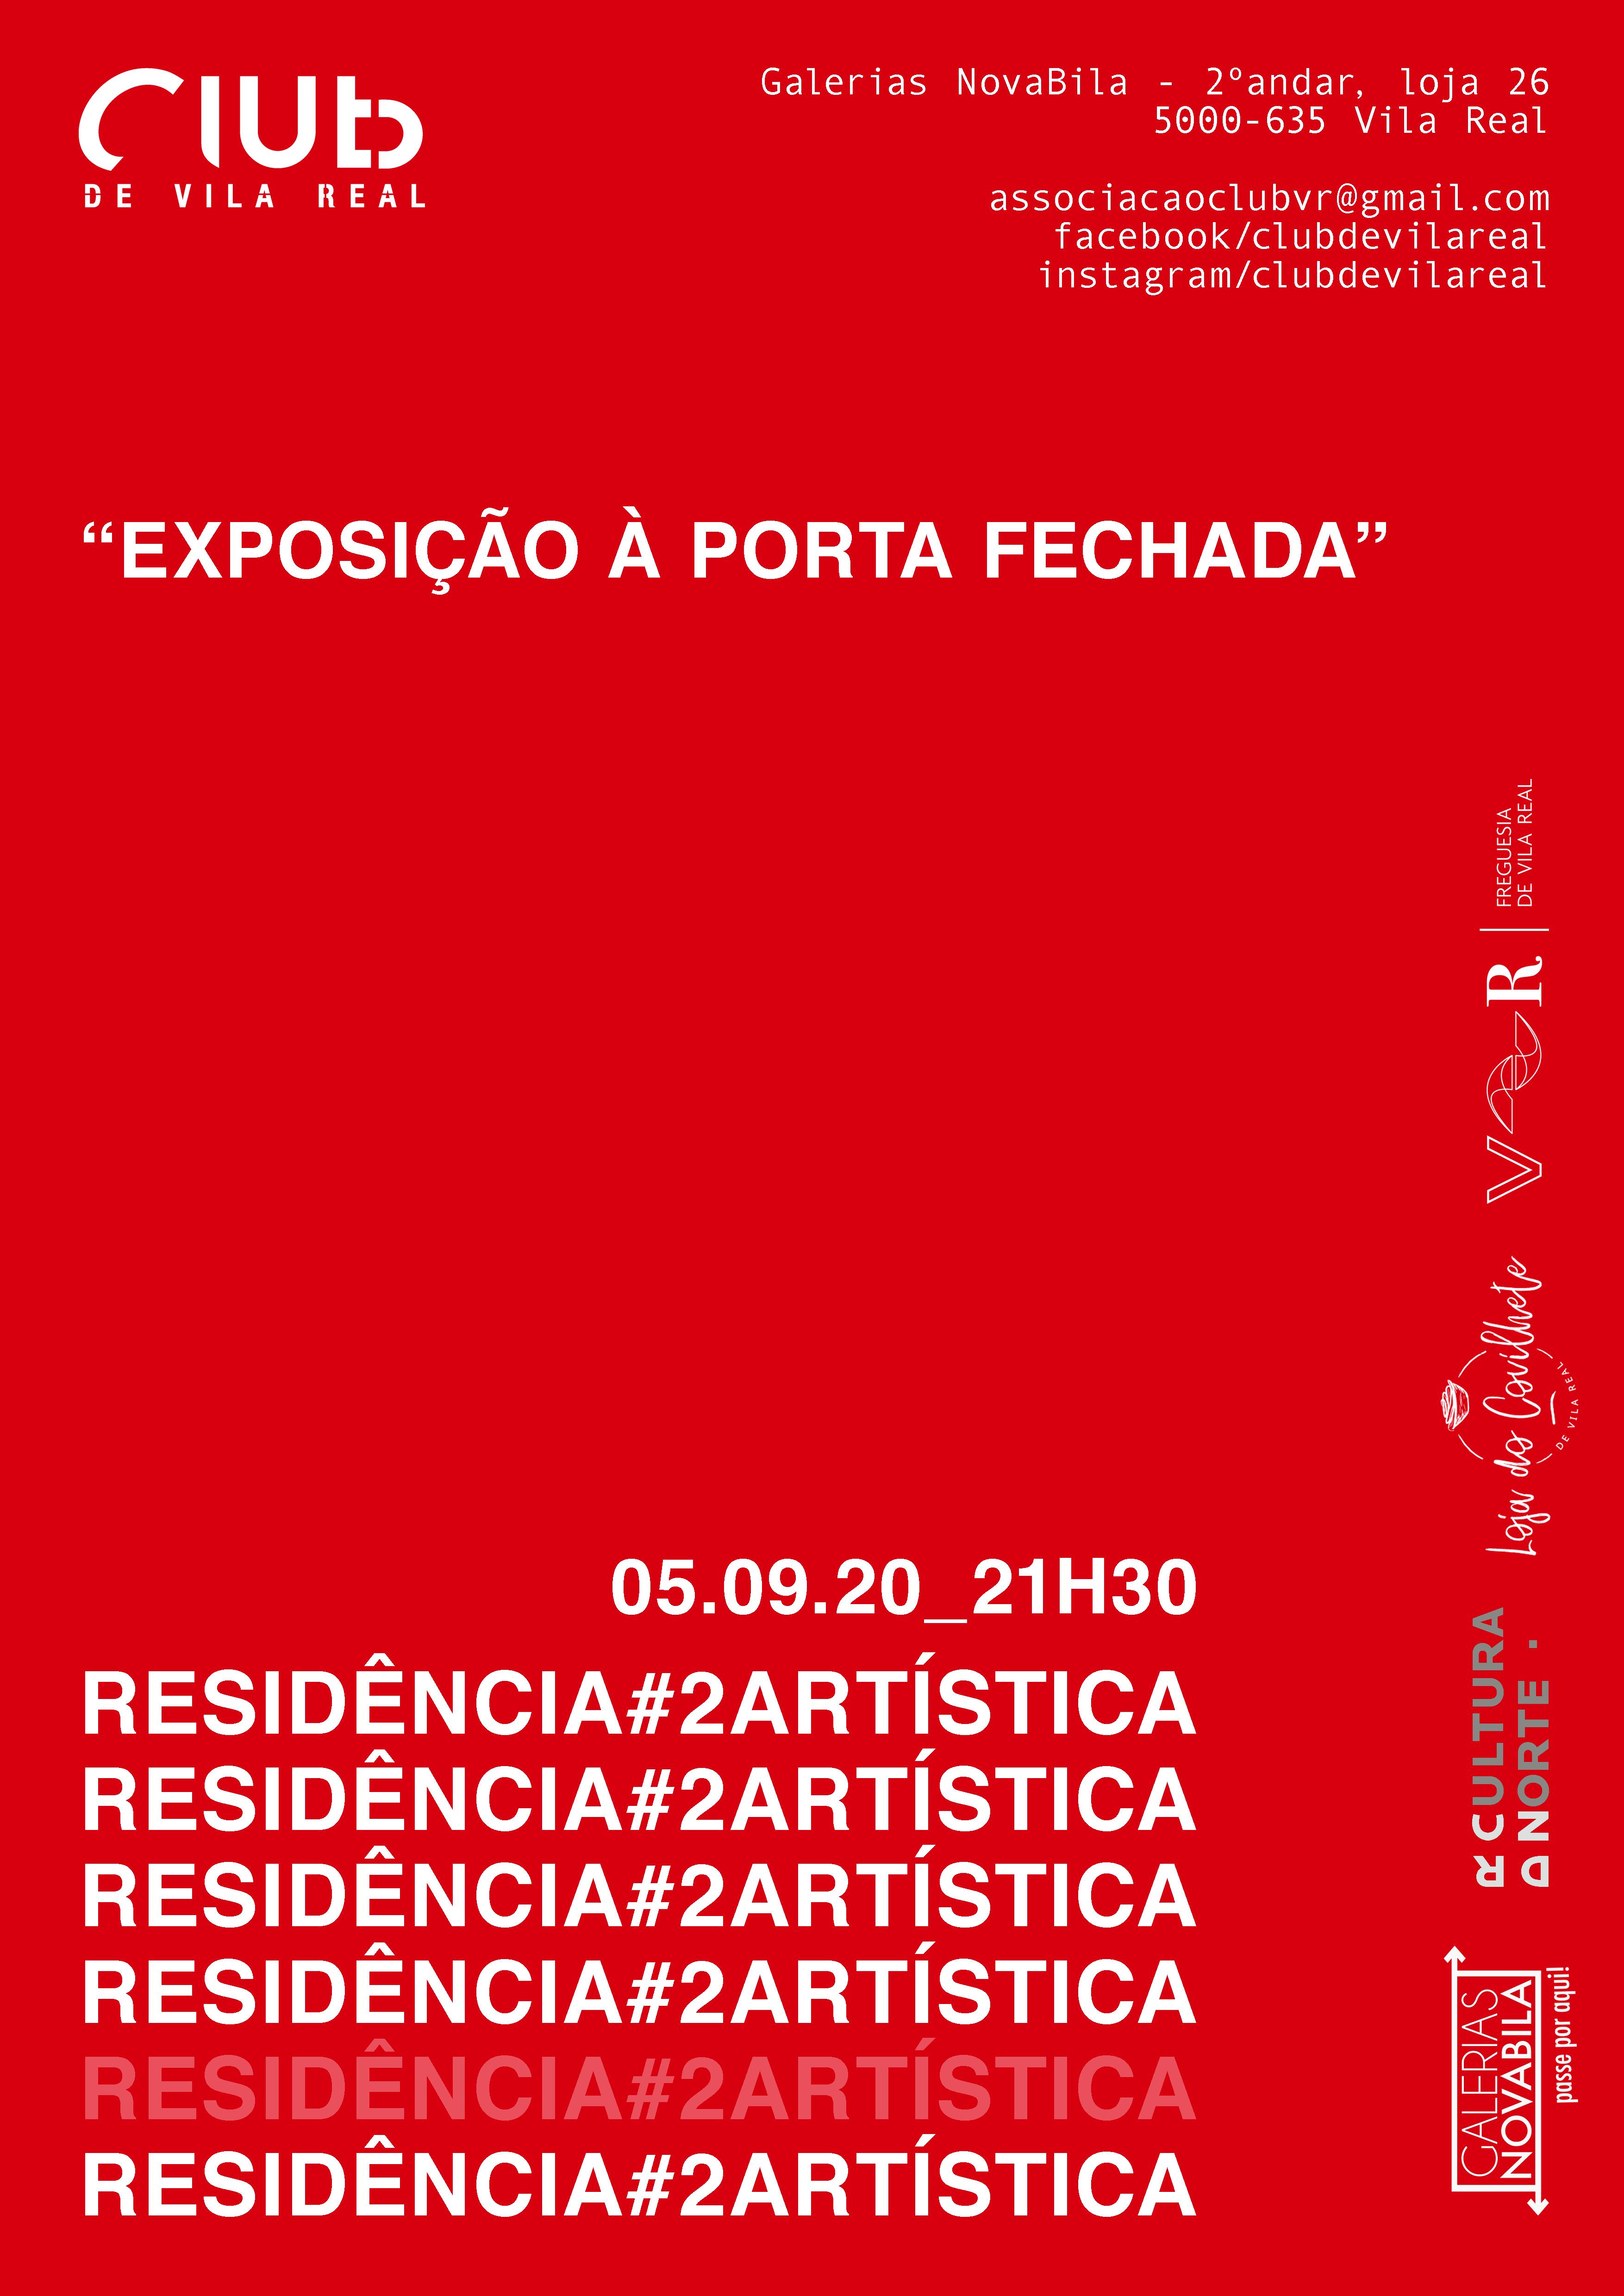 2º Residência Artística do Club de Vila Real inaugurada este sábado